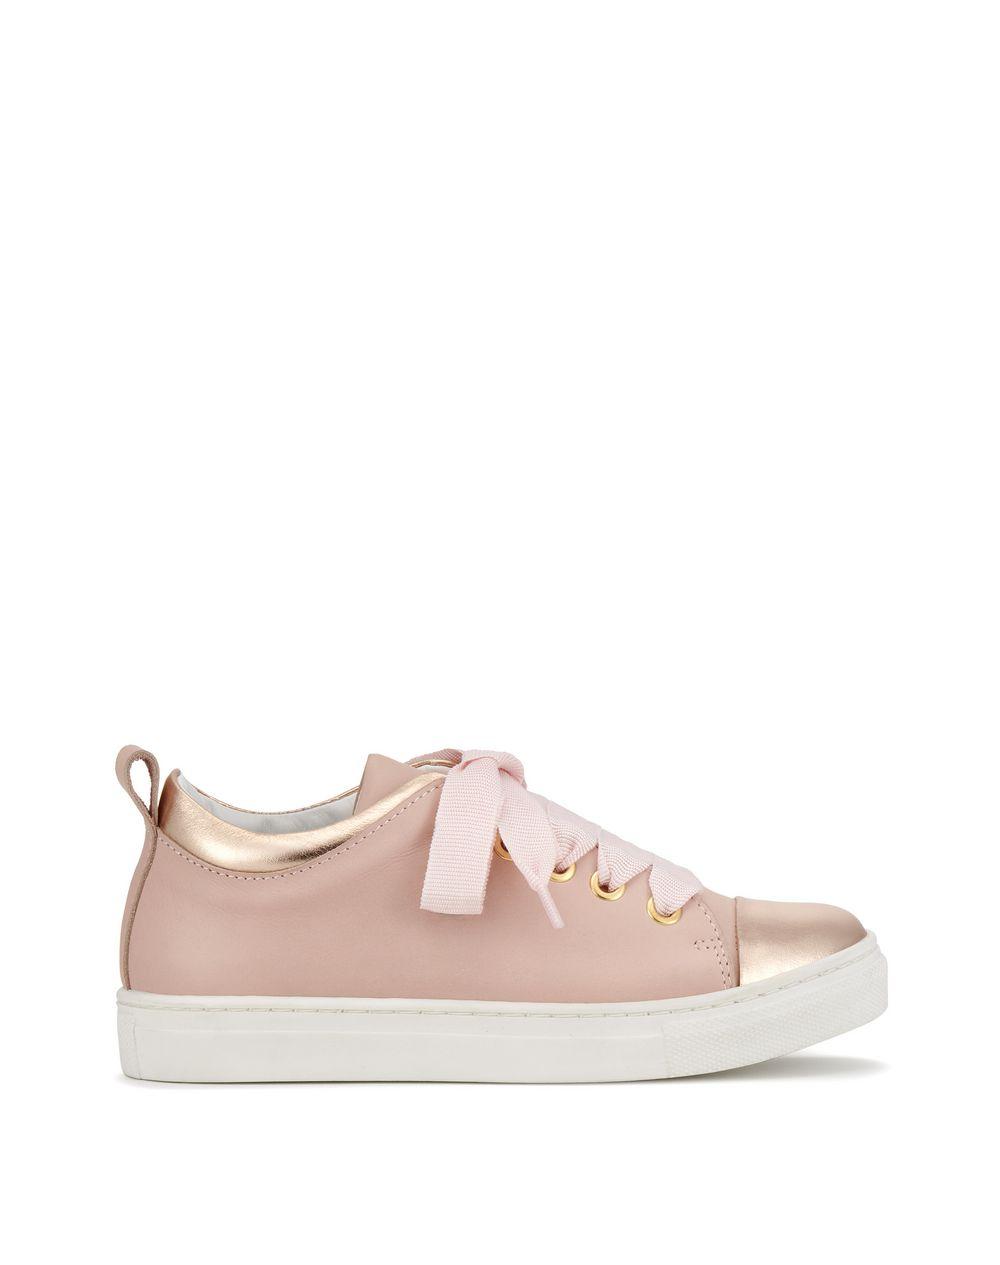 CON Donna SNEAKERS Sneakers NASTRO ROSA Childrenswear Lanvin xAWw4pq1